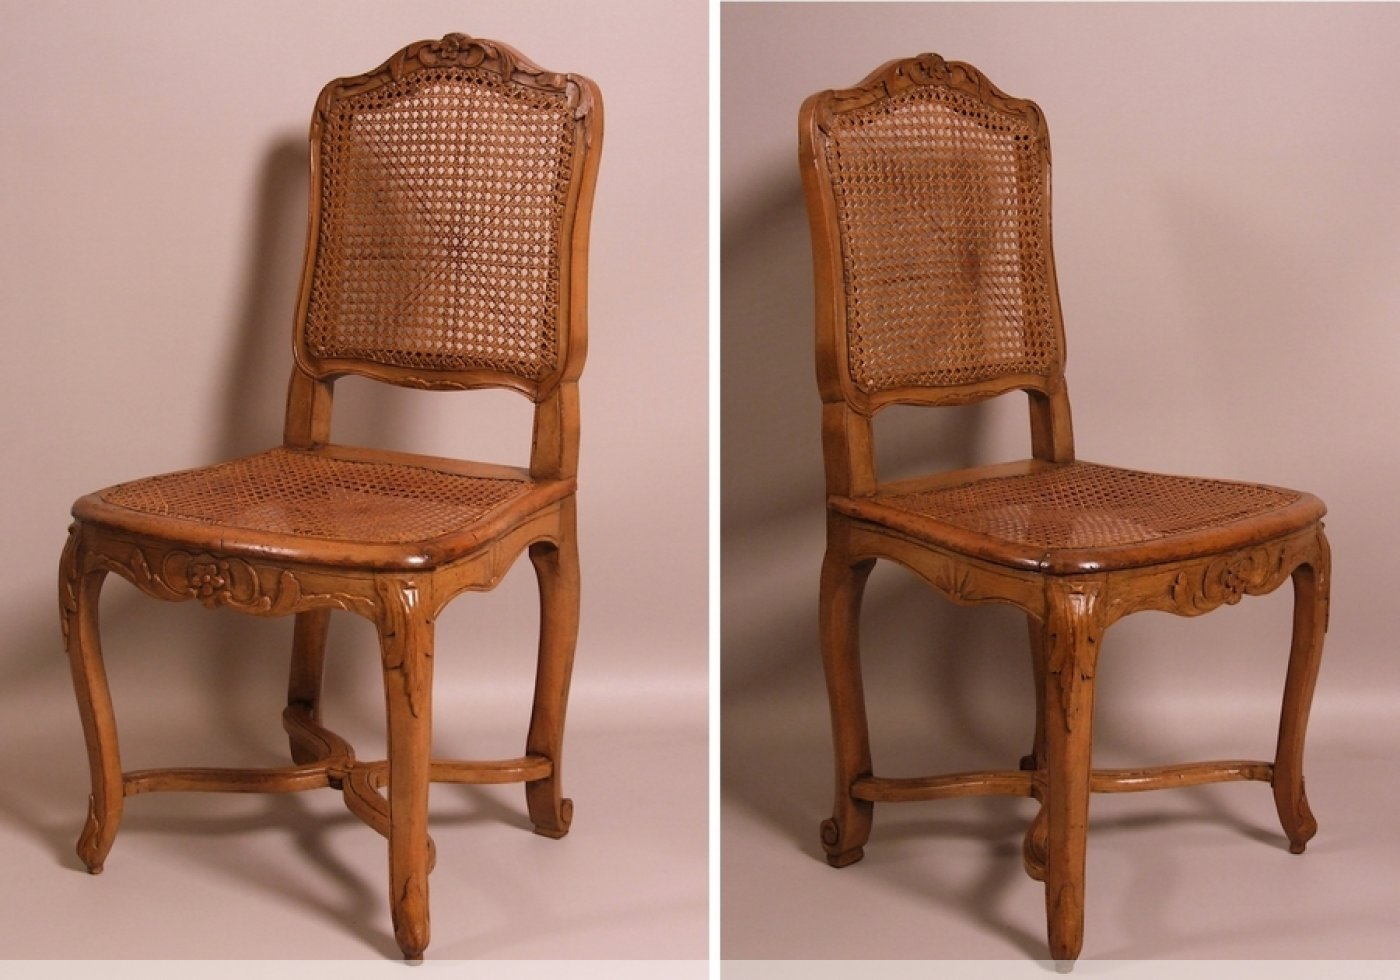 suite de 7 chaises cann es d 39 poque louis xv estampill es xviiie si cle. Black Bedroom Furniture Sets. Home Design Ideas